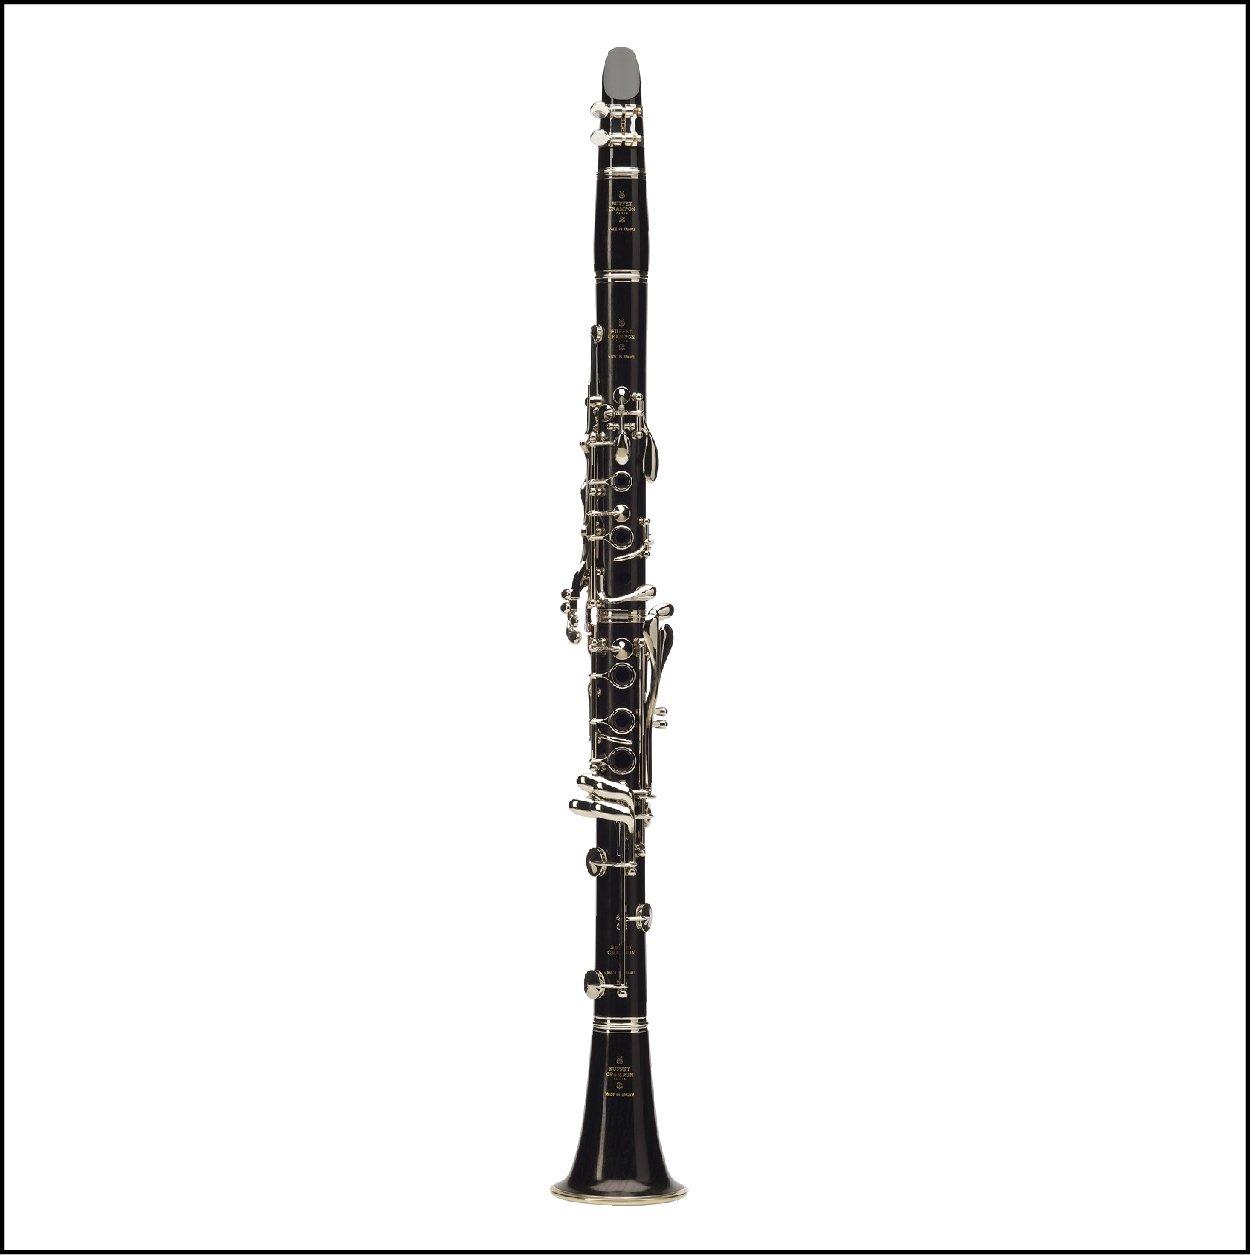 Buffet R13 Silver Keys clarinet